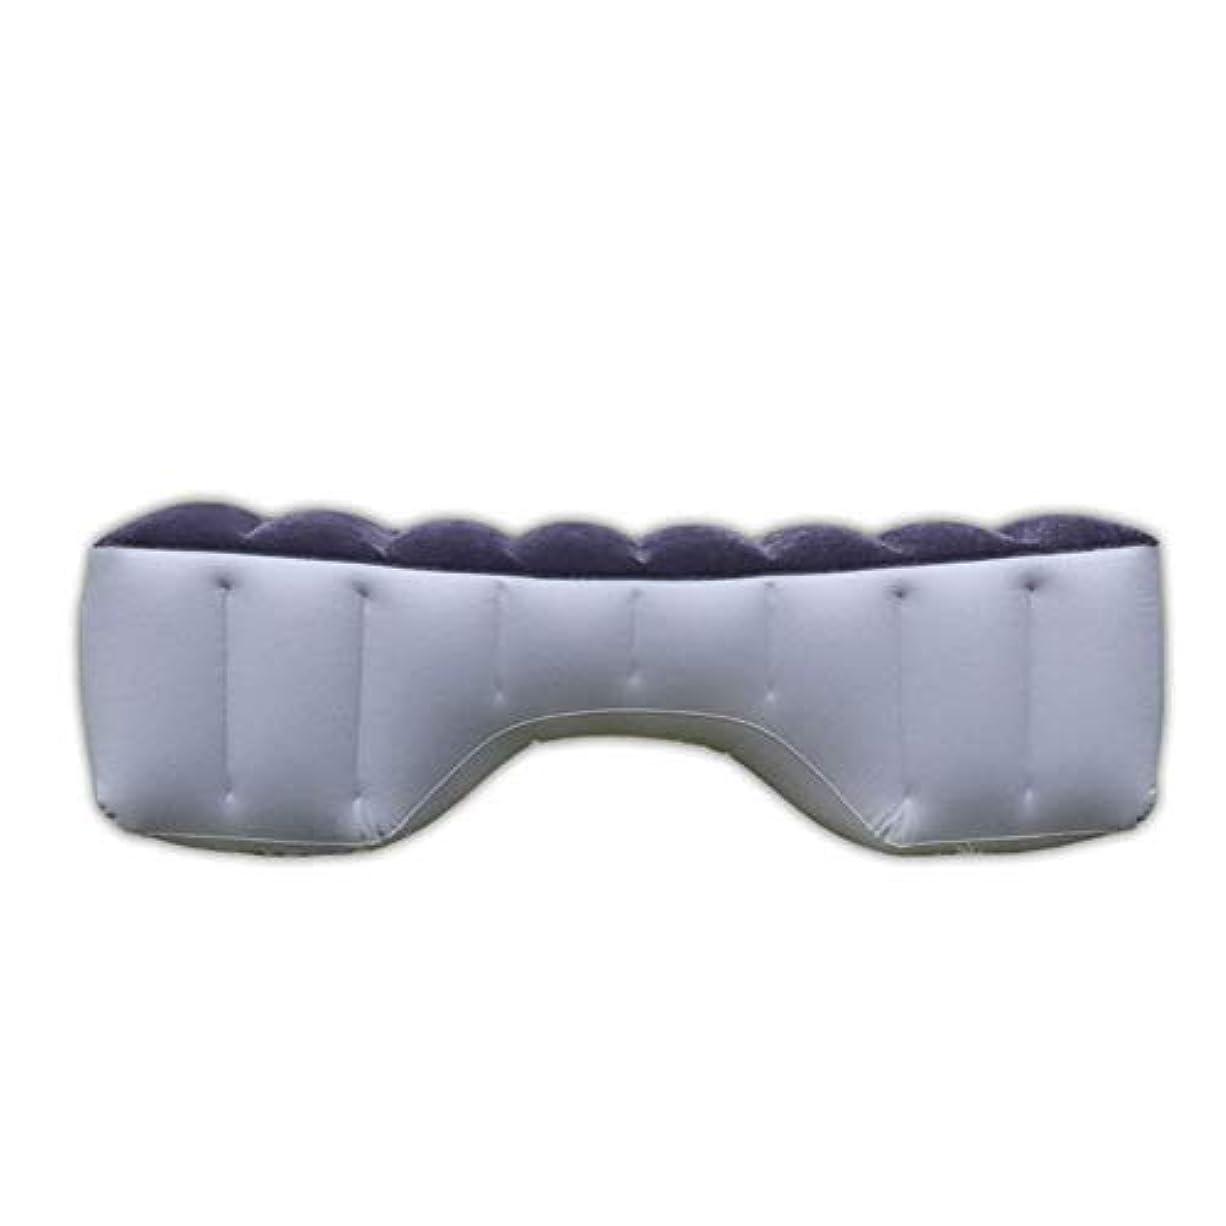 温室折るタイマーBXXU爪切りセットステンレス鋼ブラックペディキュアはさみピンセットマニキュアセットツールセット爪マニキュアツール